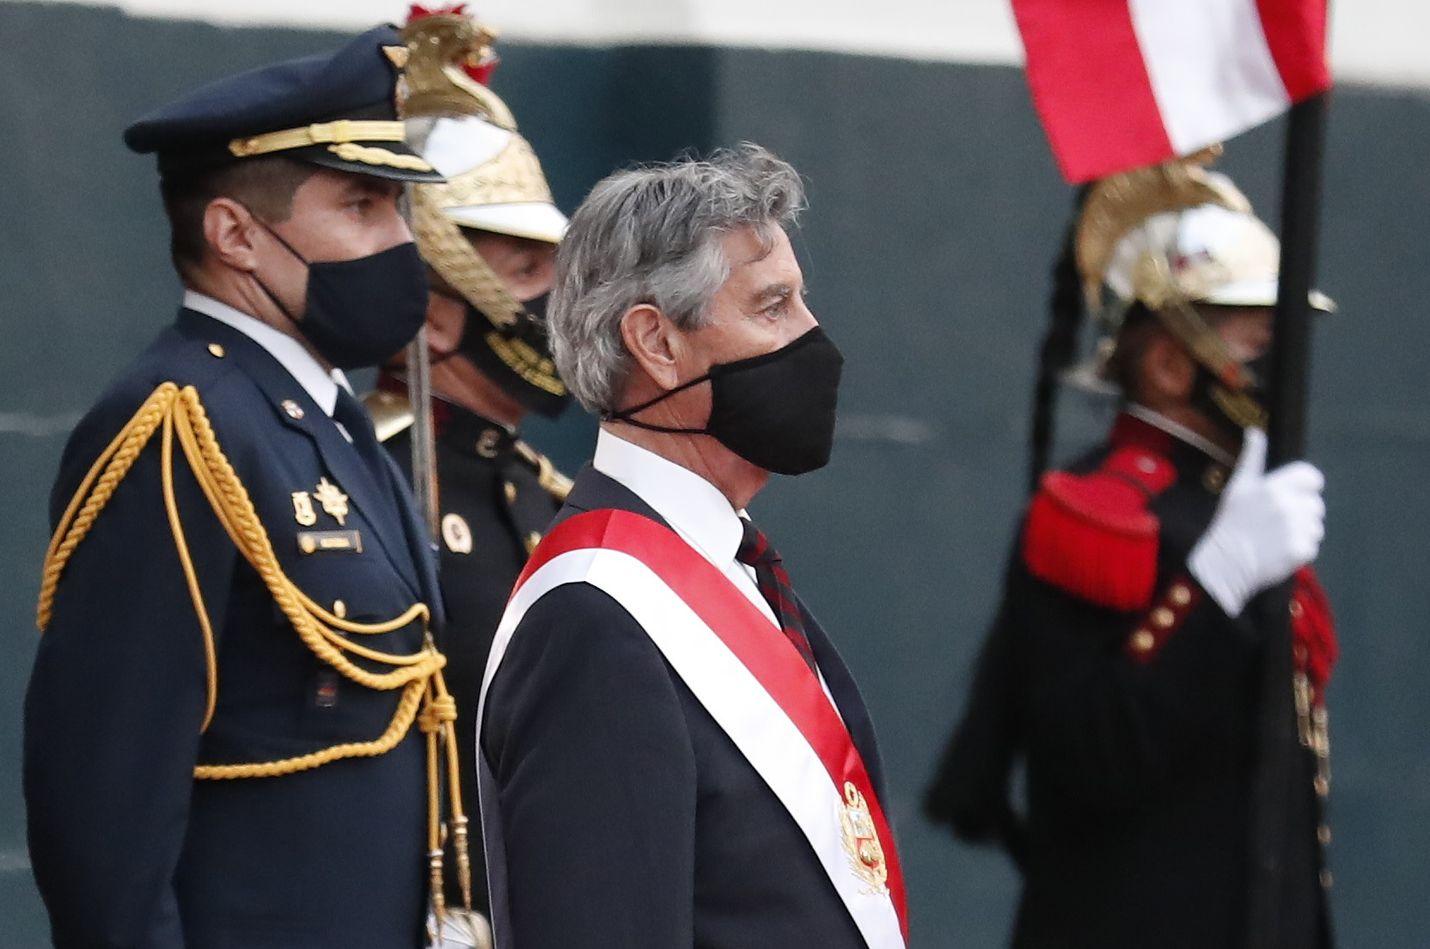 Kongressin puheenjohtajaksi Manuel Merinon jälkeen valitun Francisco Sagastin (keskellä) on määrä johtaa Perua seuraavat viisi kuukautta.